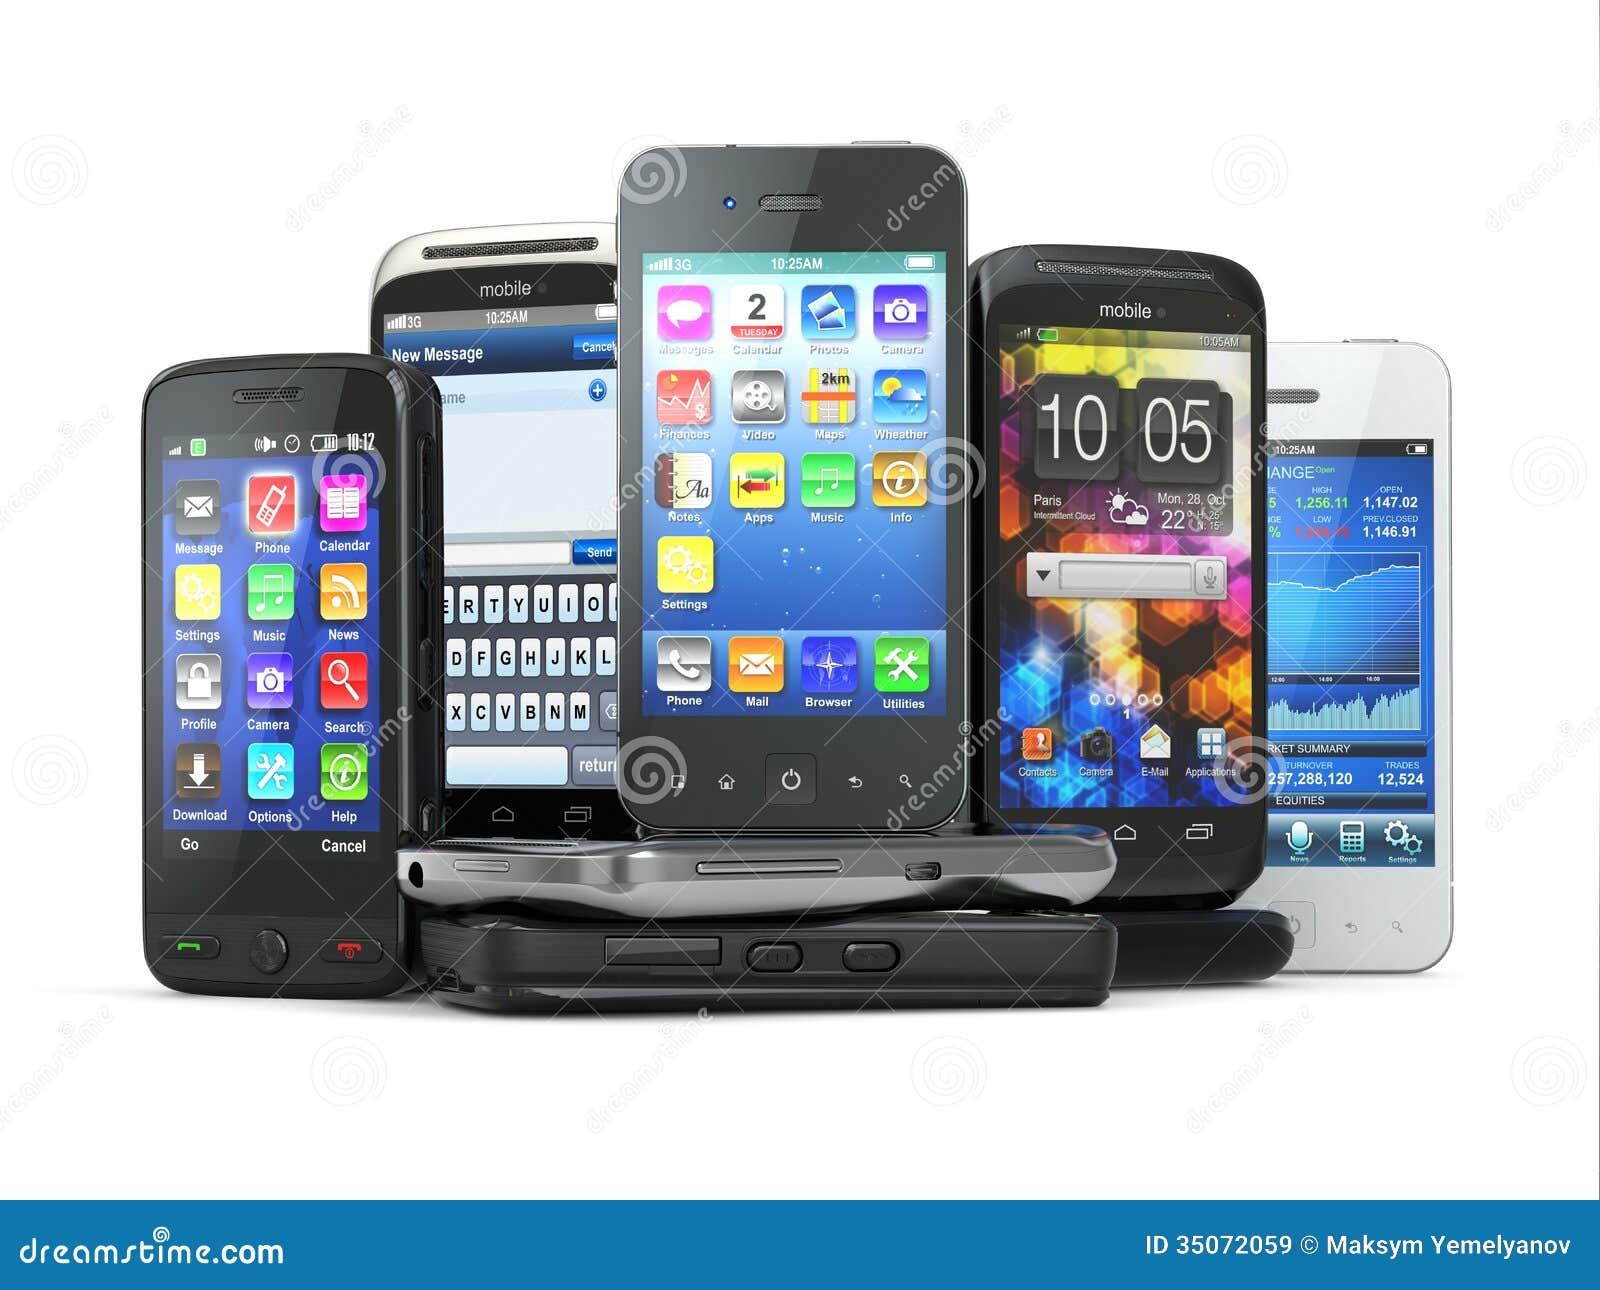 Επιλέξτε το κινητό τηλέφωνο. Σωρός των νέων κινητών τηλεφώνων.